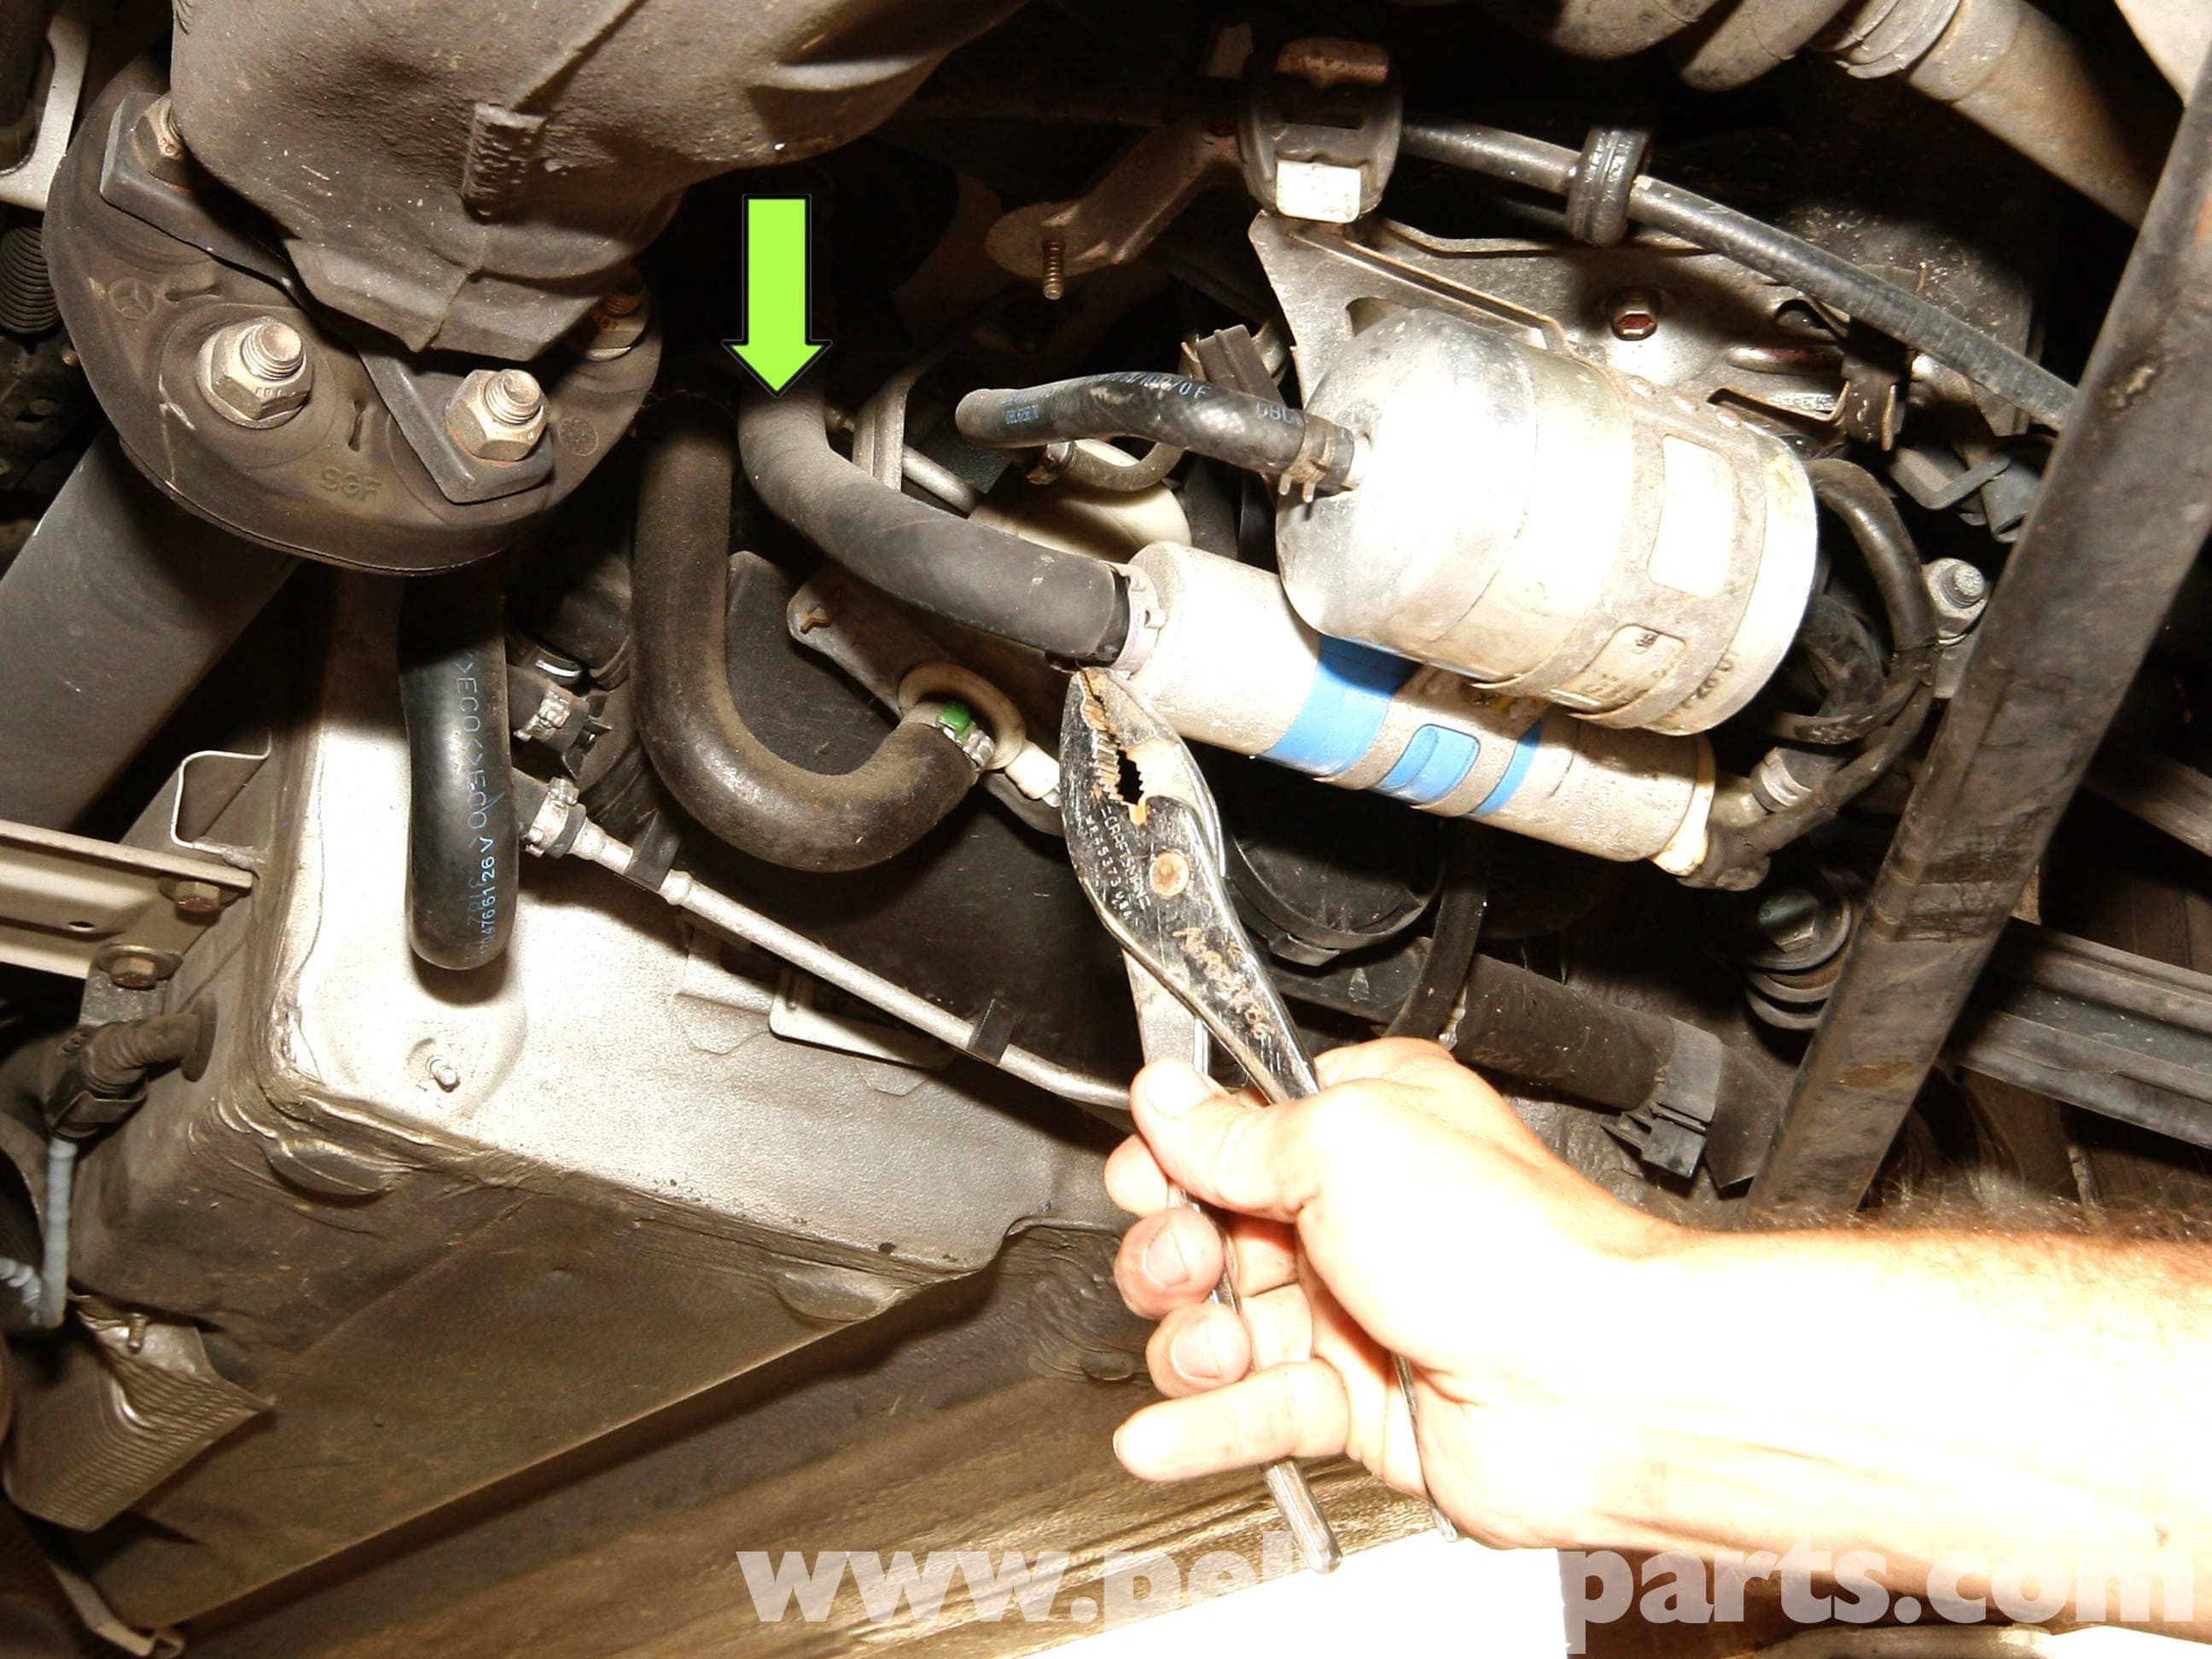 Mercedes-Benz SLK 230 Fuel Pump Replacement | 1998-2004 | Pelican ...